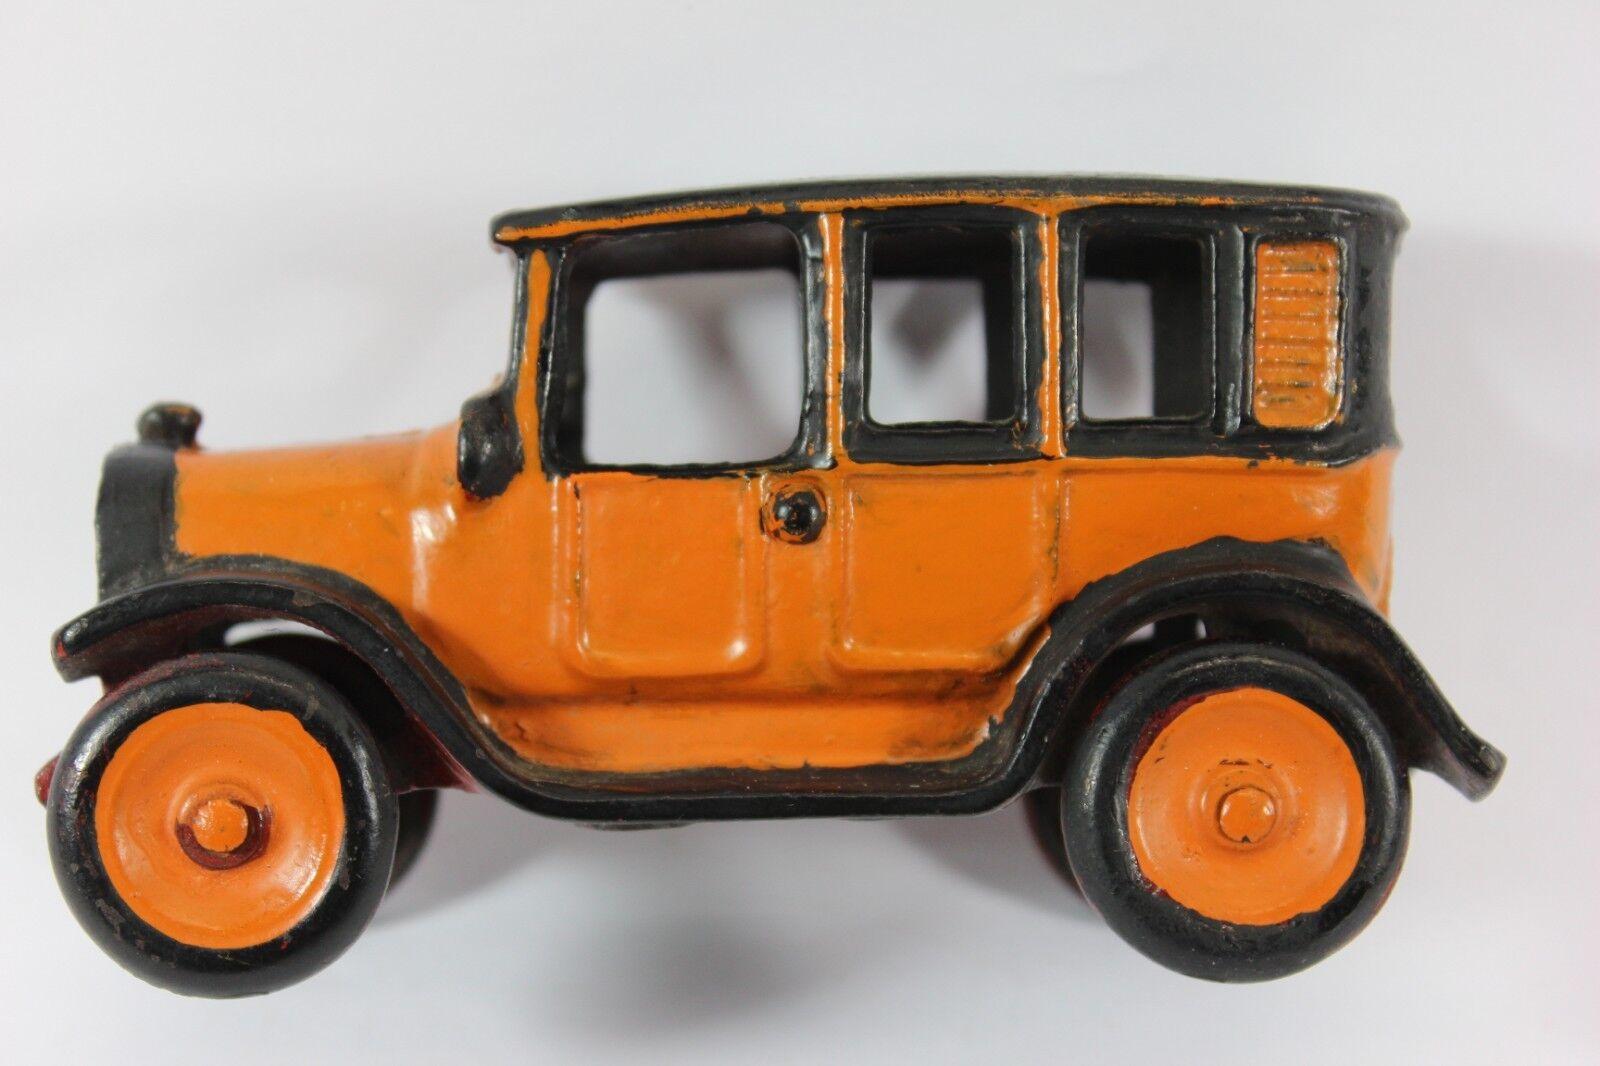 1927 Arcade Nº 3 Amarillo De Hierro Fundido Cab 5  AR253 Estampado Arcade Nº 3 (raro)